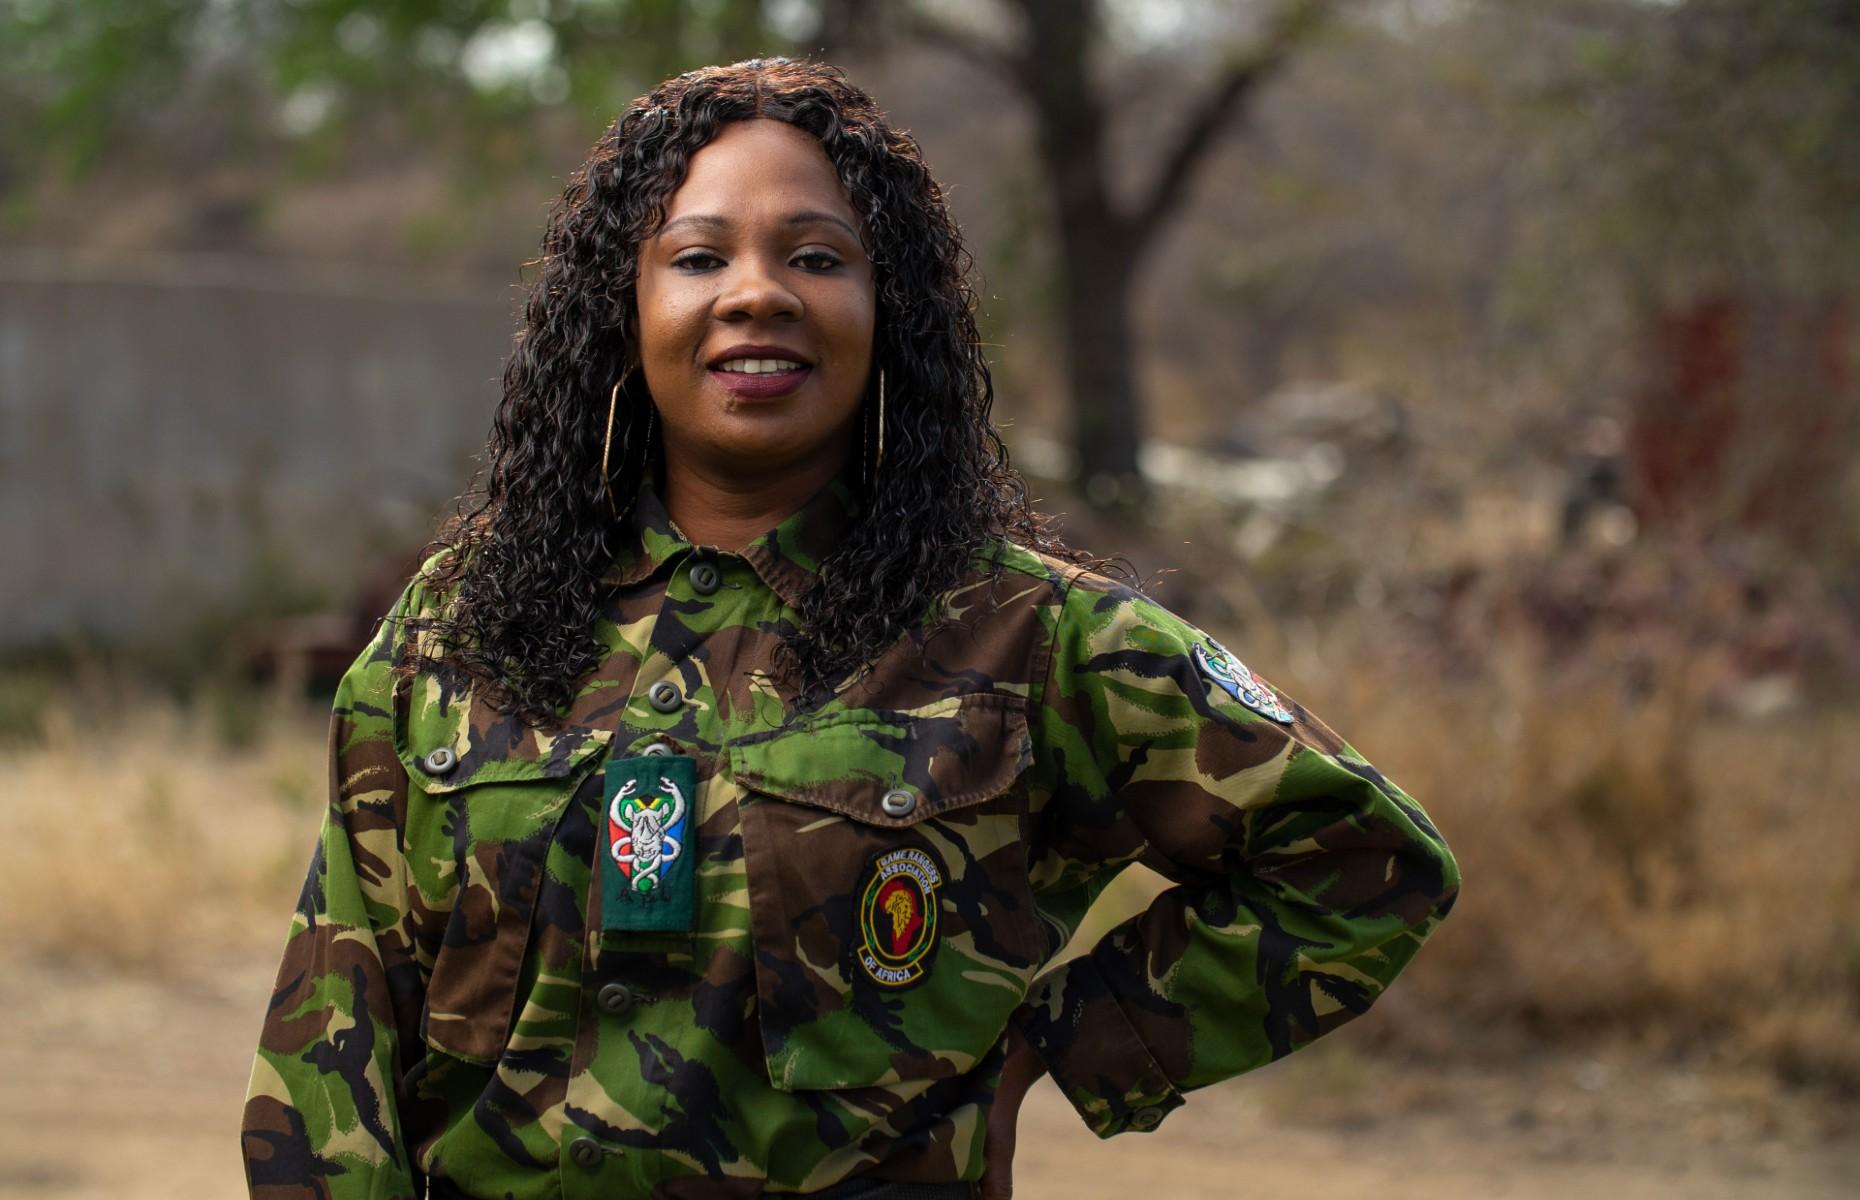 Image: Rivoni Mkansi